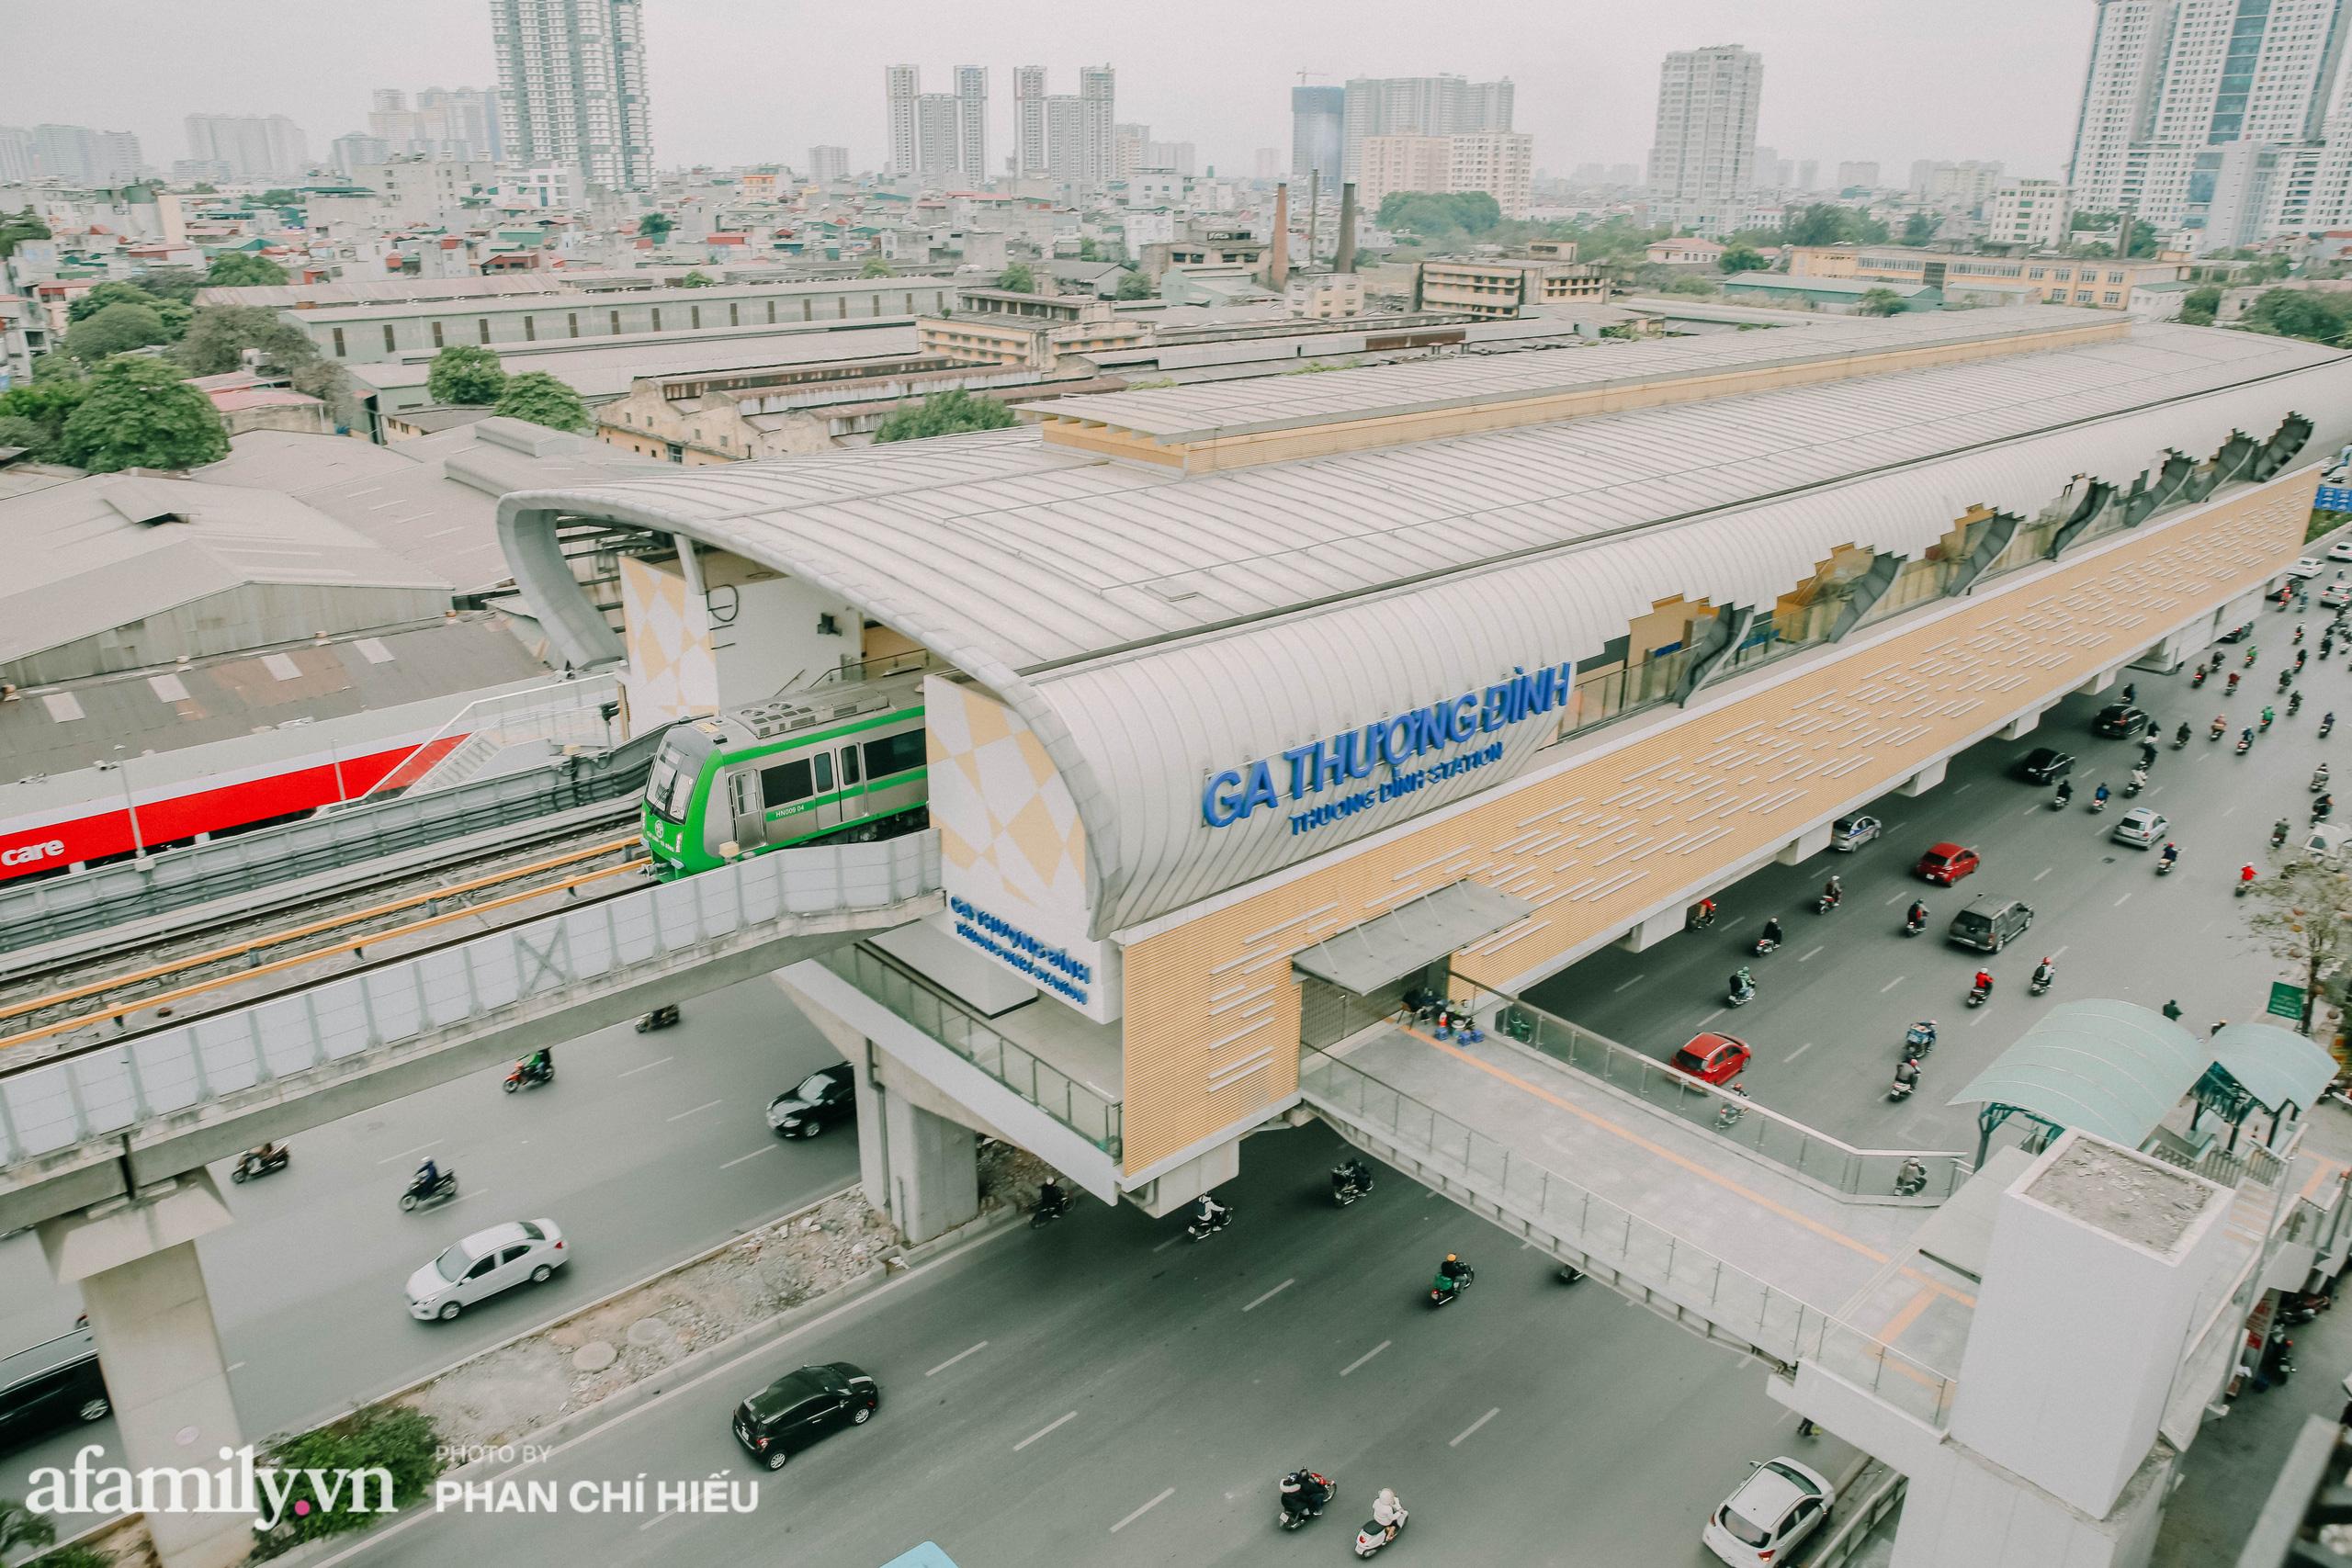 Tuyến đường sắt Cát Linh- Hà Đông đẹp cỡ nào mà được nhiều reviewer khen hết lời, lại còn rủ nhau đi mua vest để chuẩn bị đi thử trong năm 2021 - Ảnh 4.